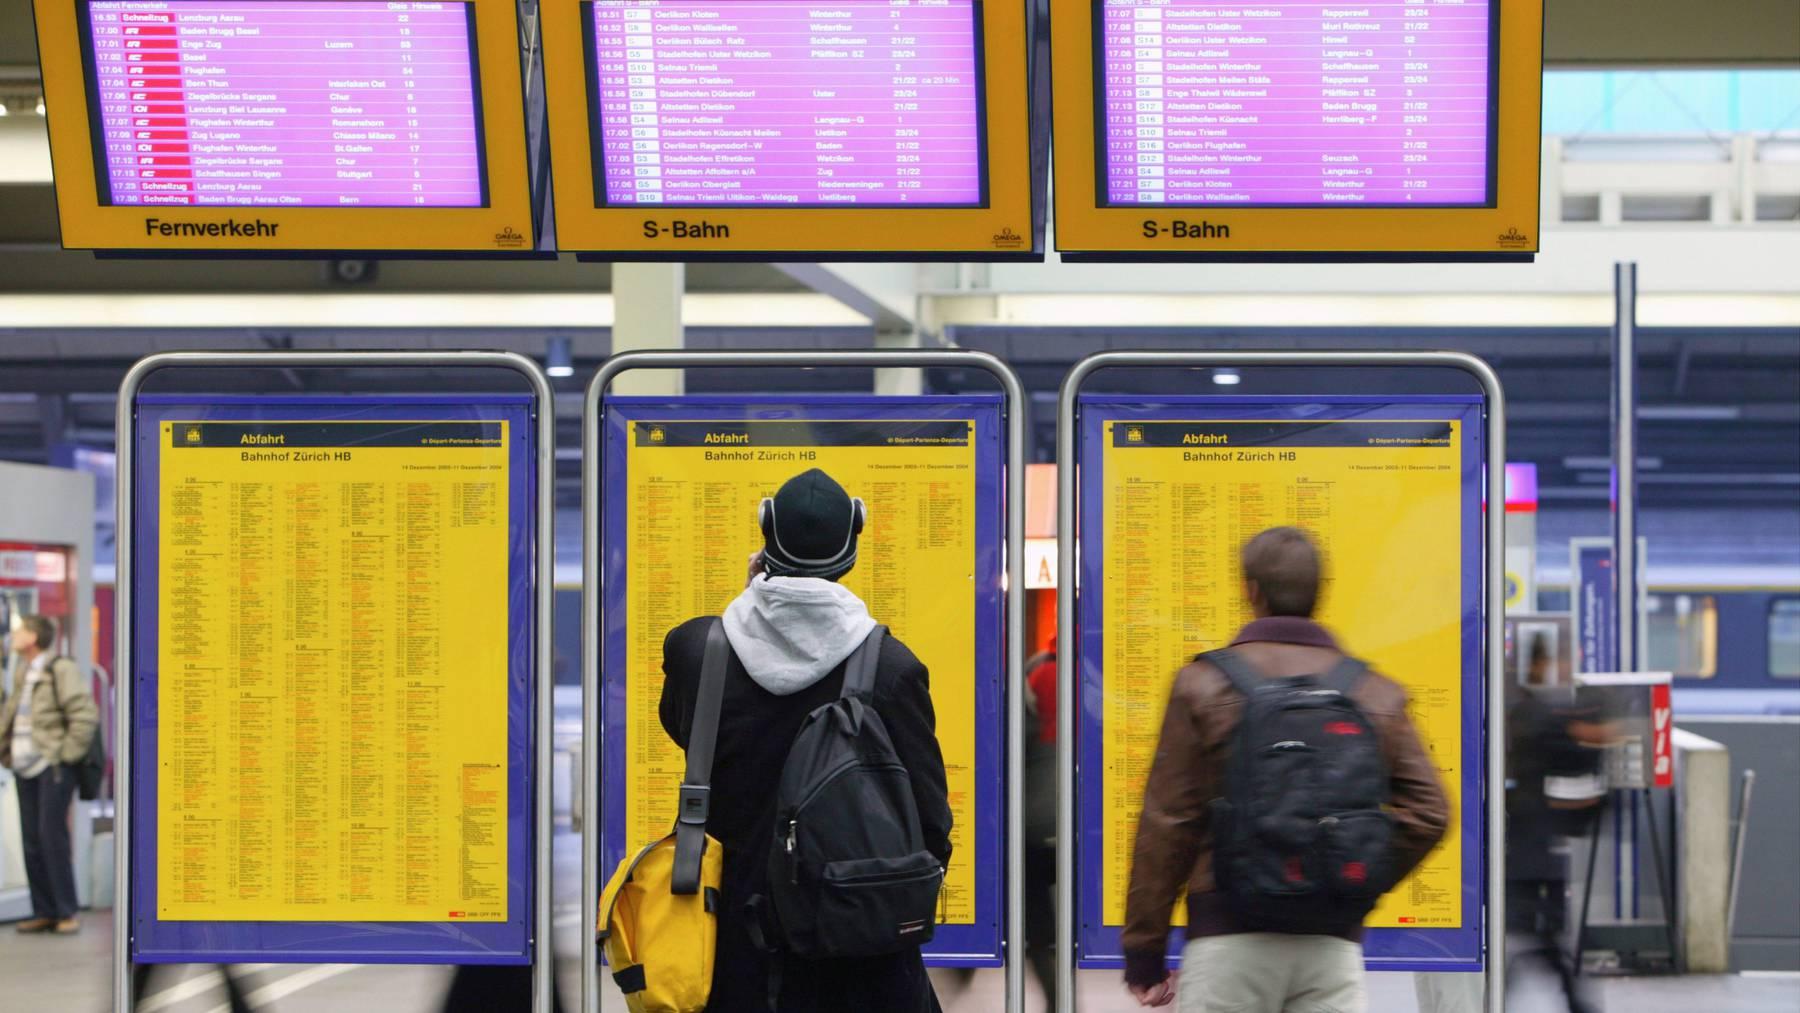 Die SBB muss bald wegen Verspätungen ab eine Stunde Geld zurückerstatten. Nun prüft sie sogar Entschädigungen ab fünf Minuten.